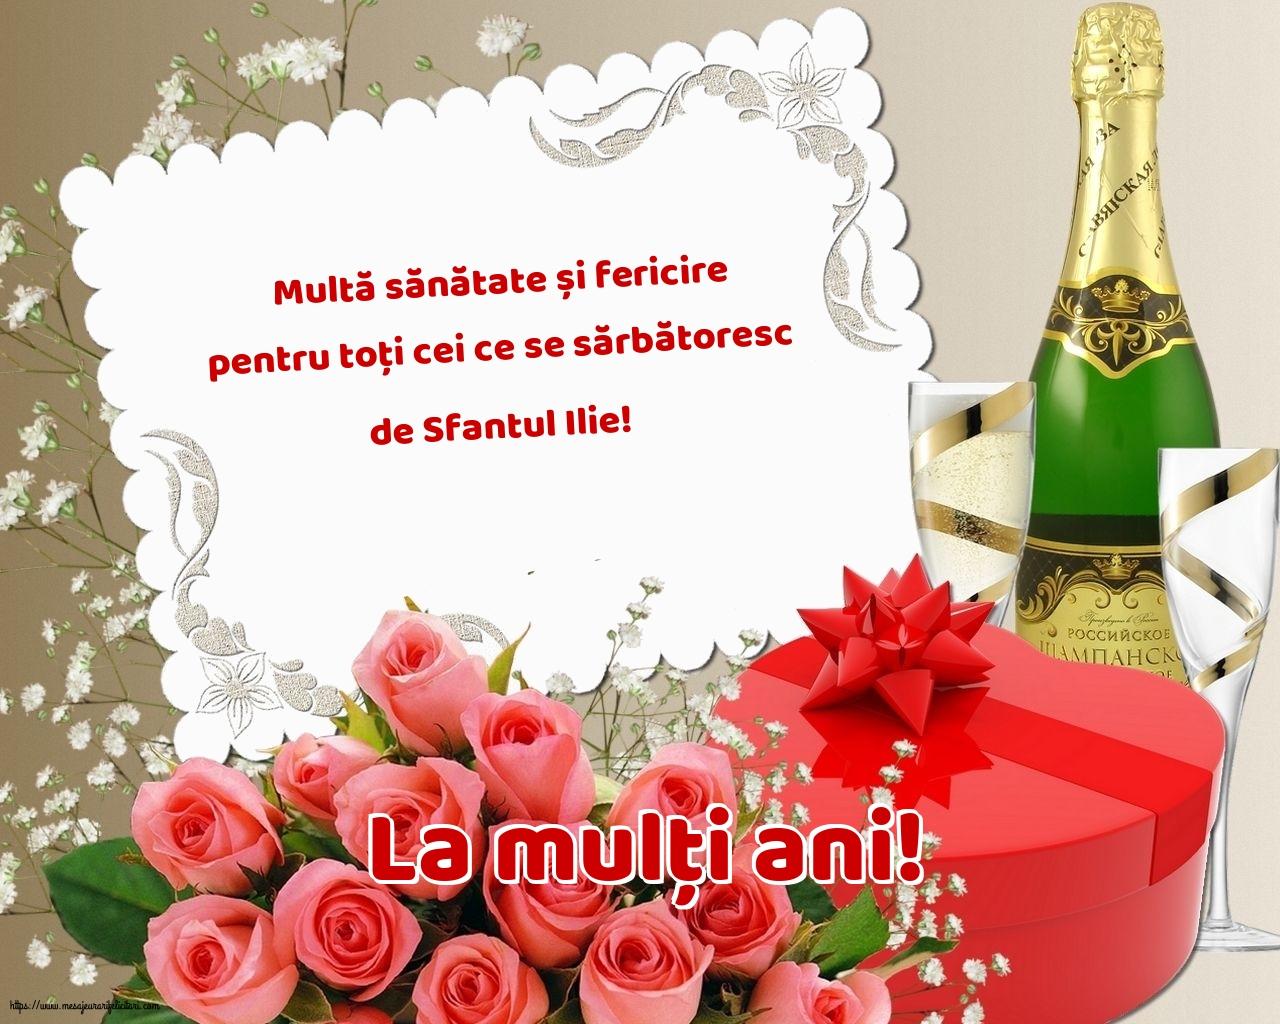 La mulți ani! - Felicitari onomastice de Sfantul Ilie cu mesaje